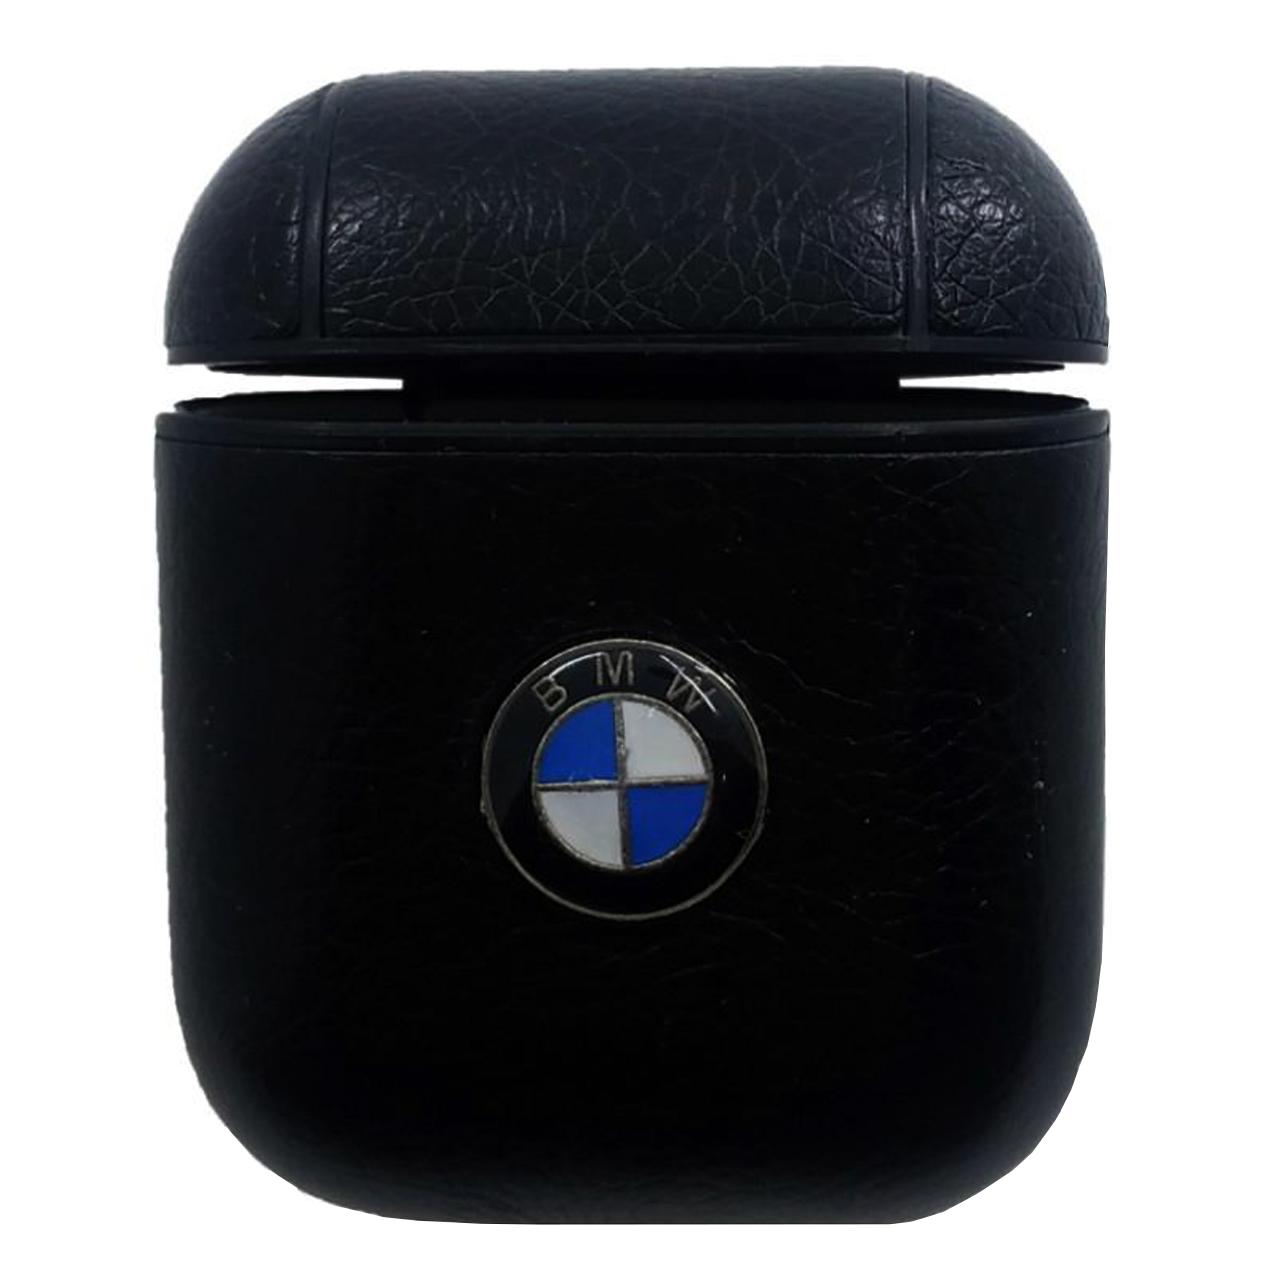 کاور ایت مدل BMW مناسب برای کیس اپل ایرپاد thumb